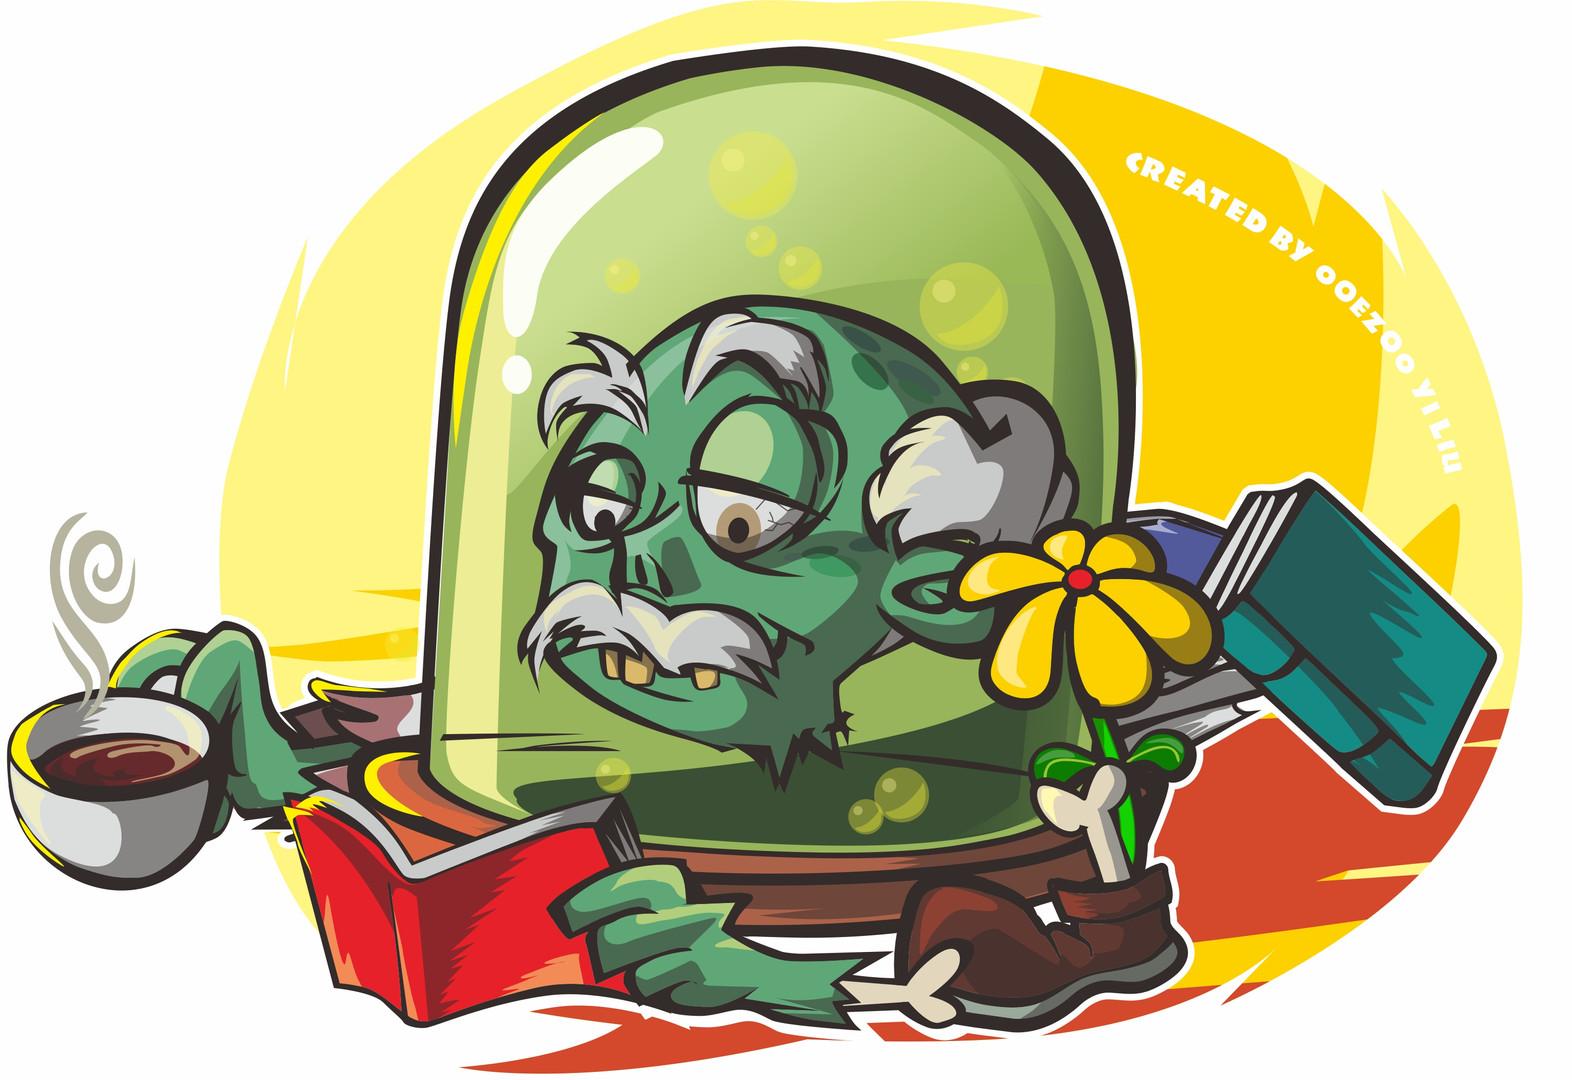 Dr._Zoombie's_teatime_6.jpg